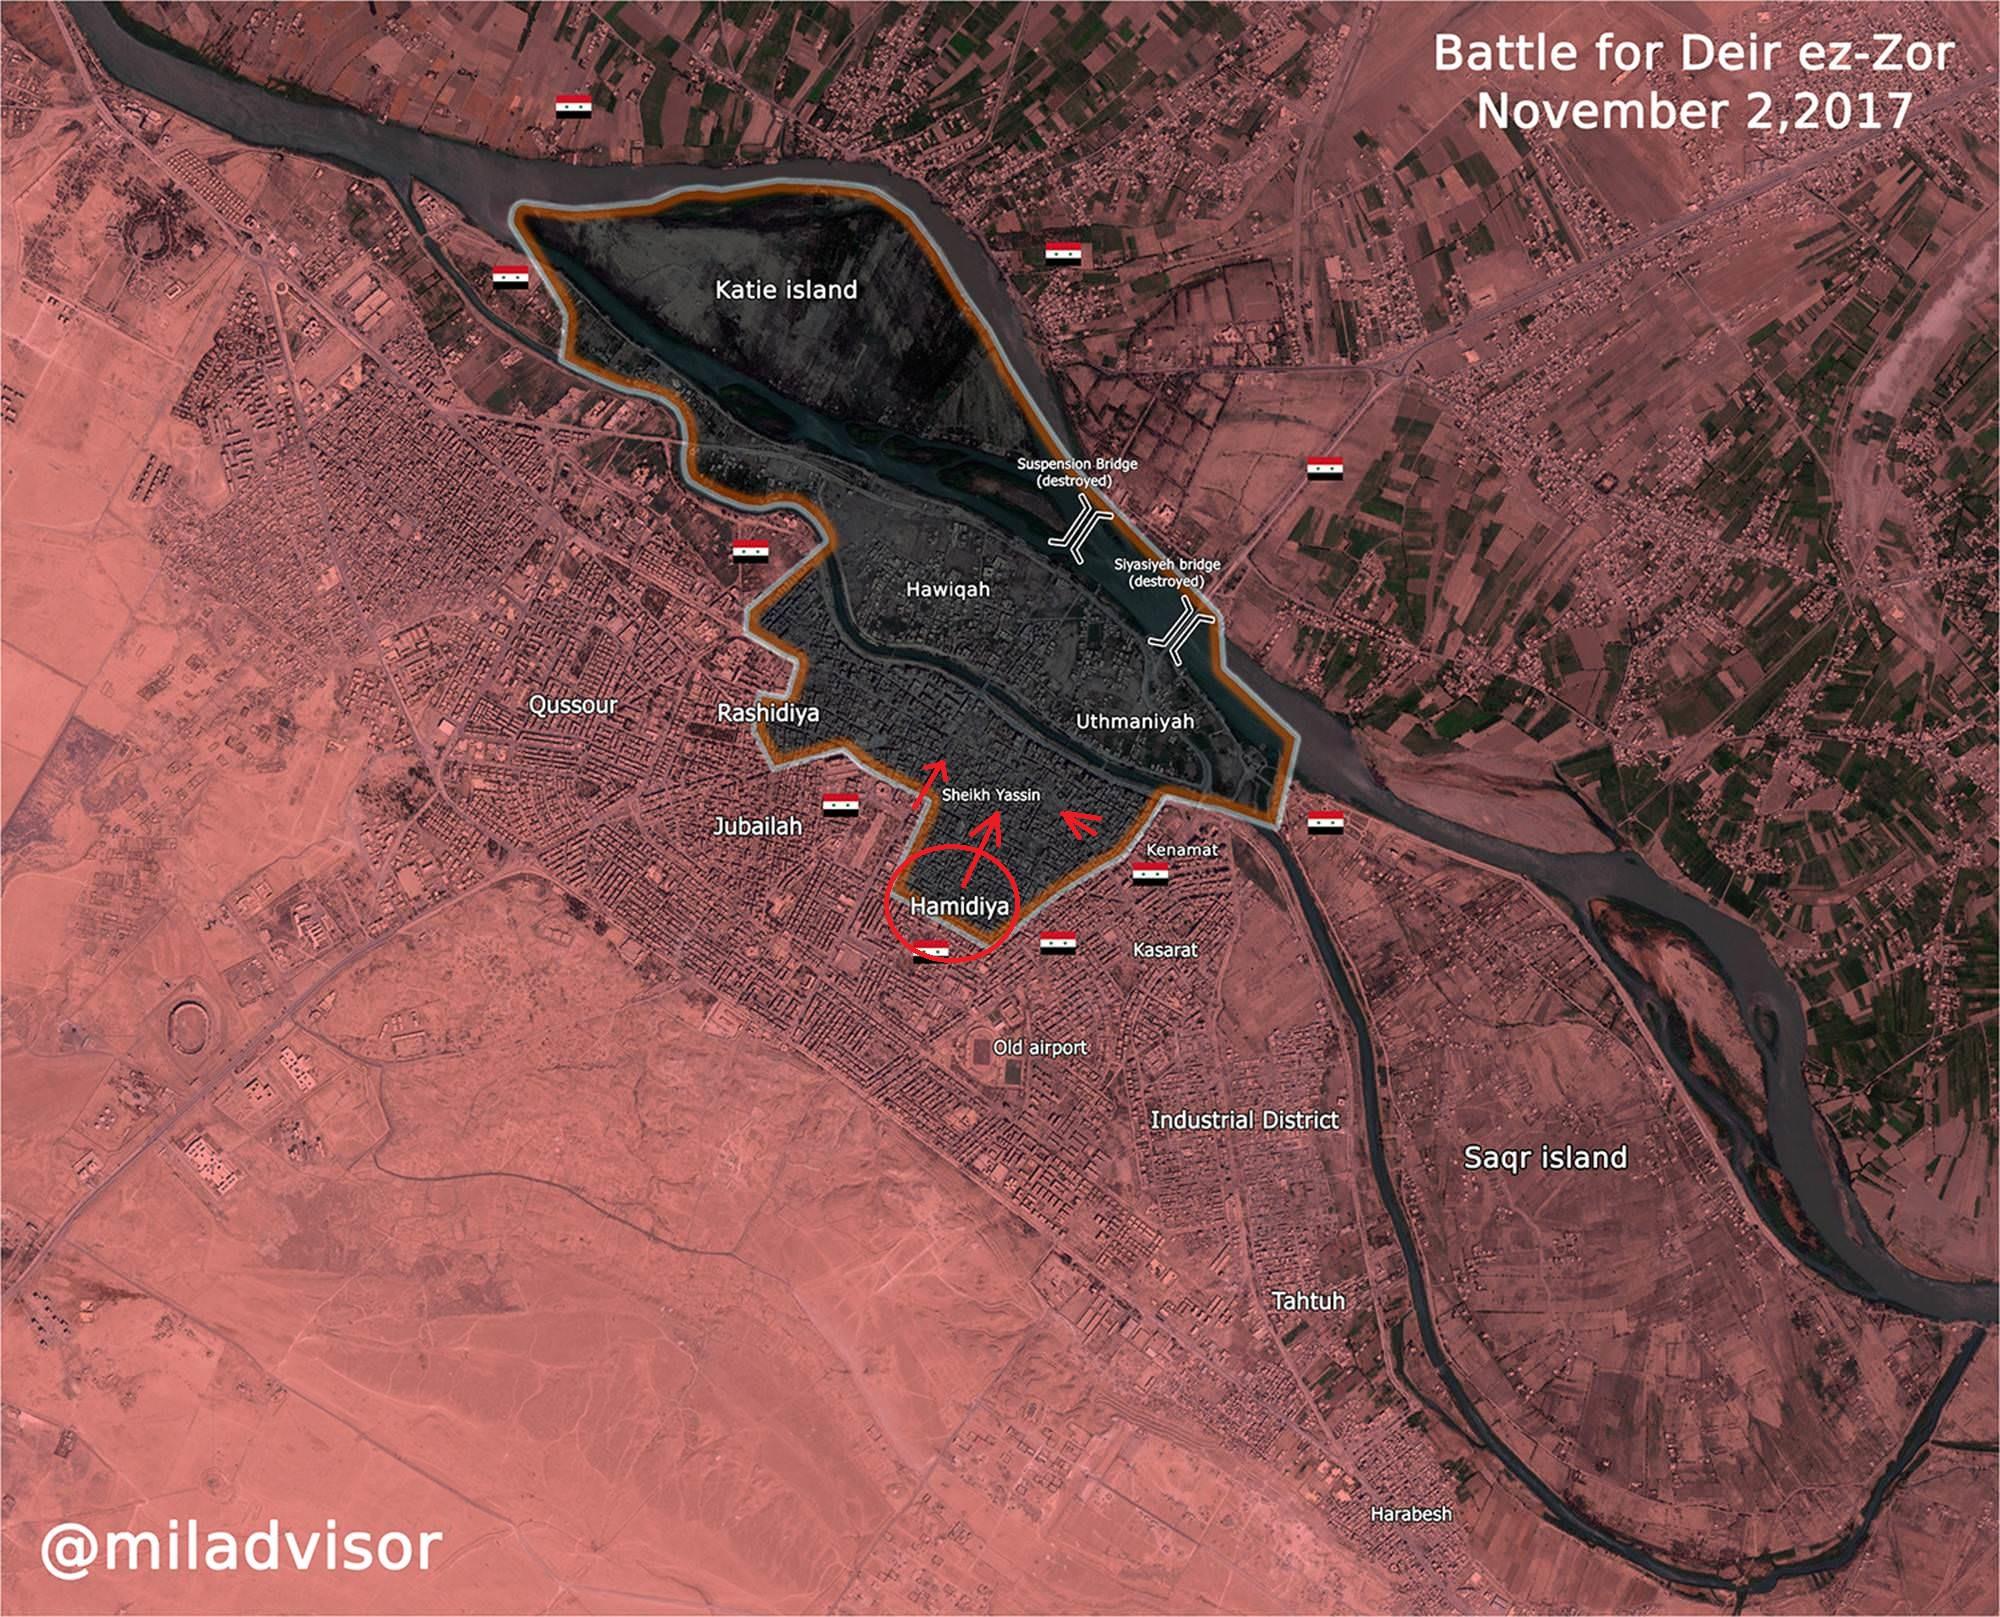 Karte der Lage in Deir ez-Zor (allgemein)